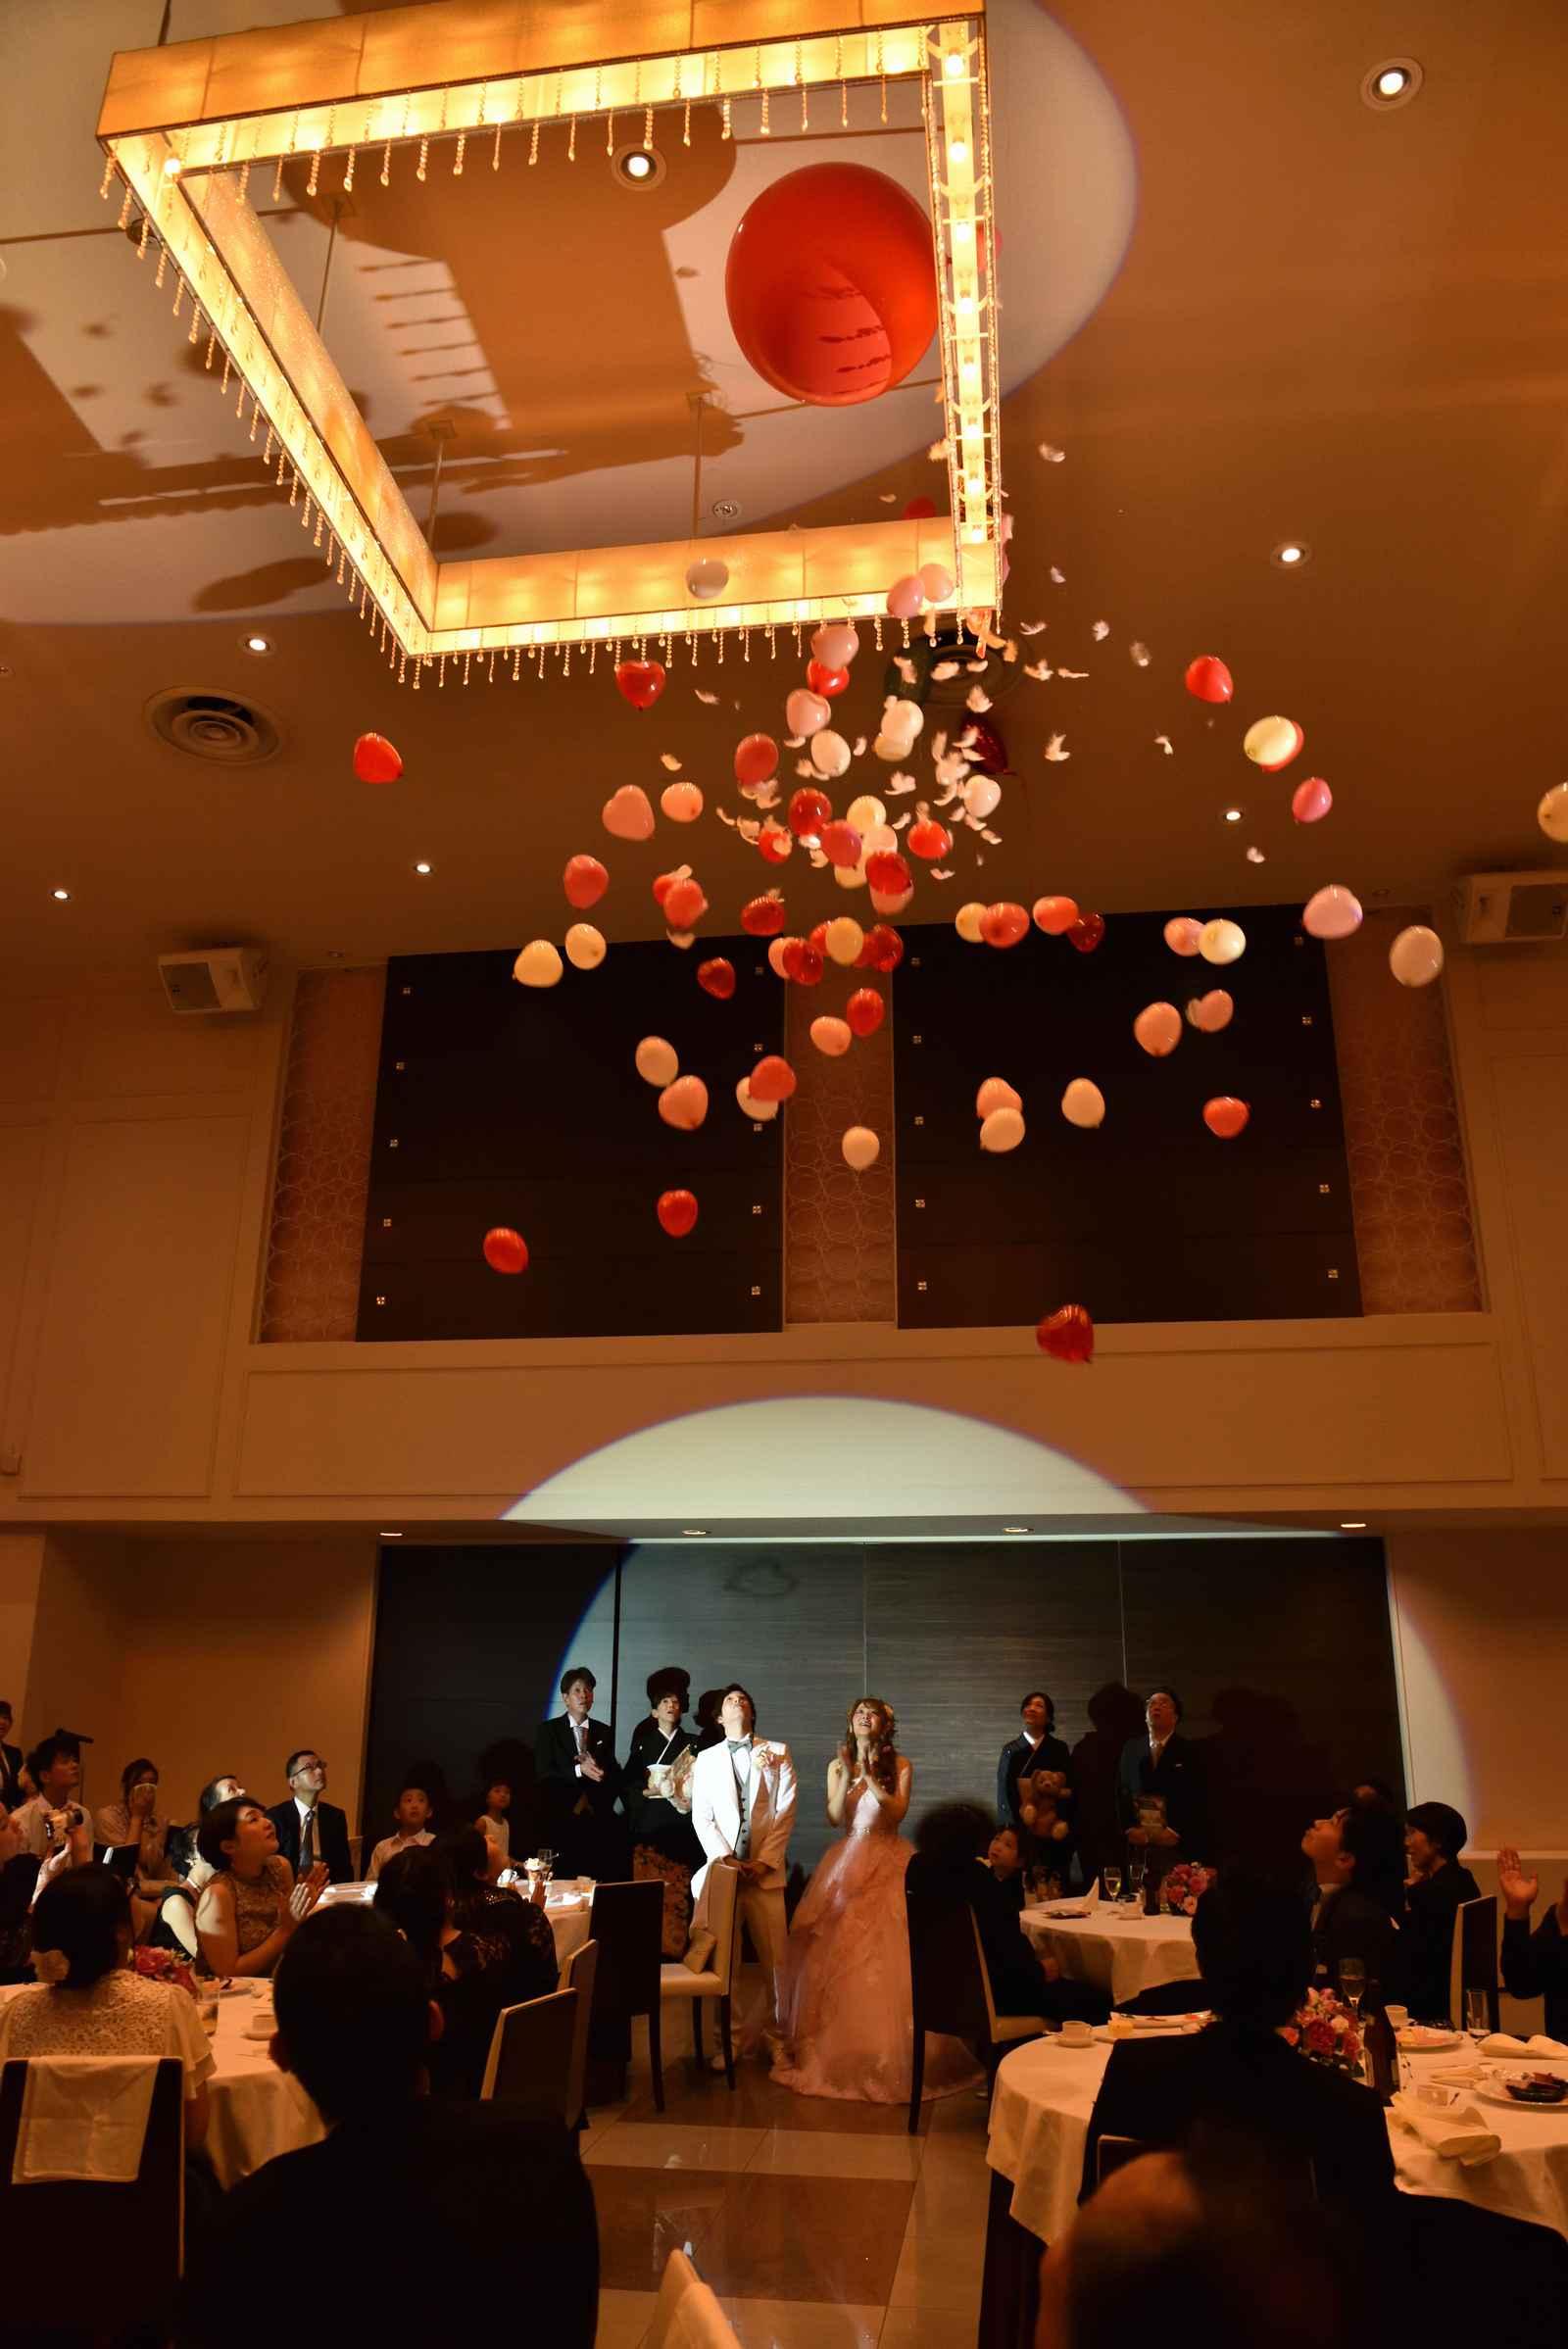 香川県の結婚式場のシェルエメール&アイスタイルのバルーンクラッシュ